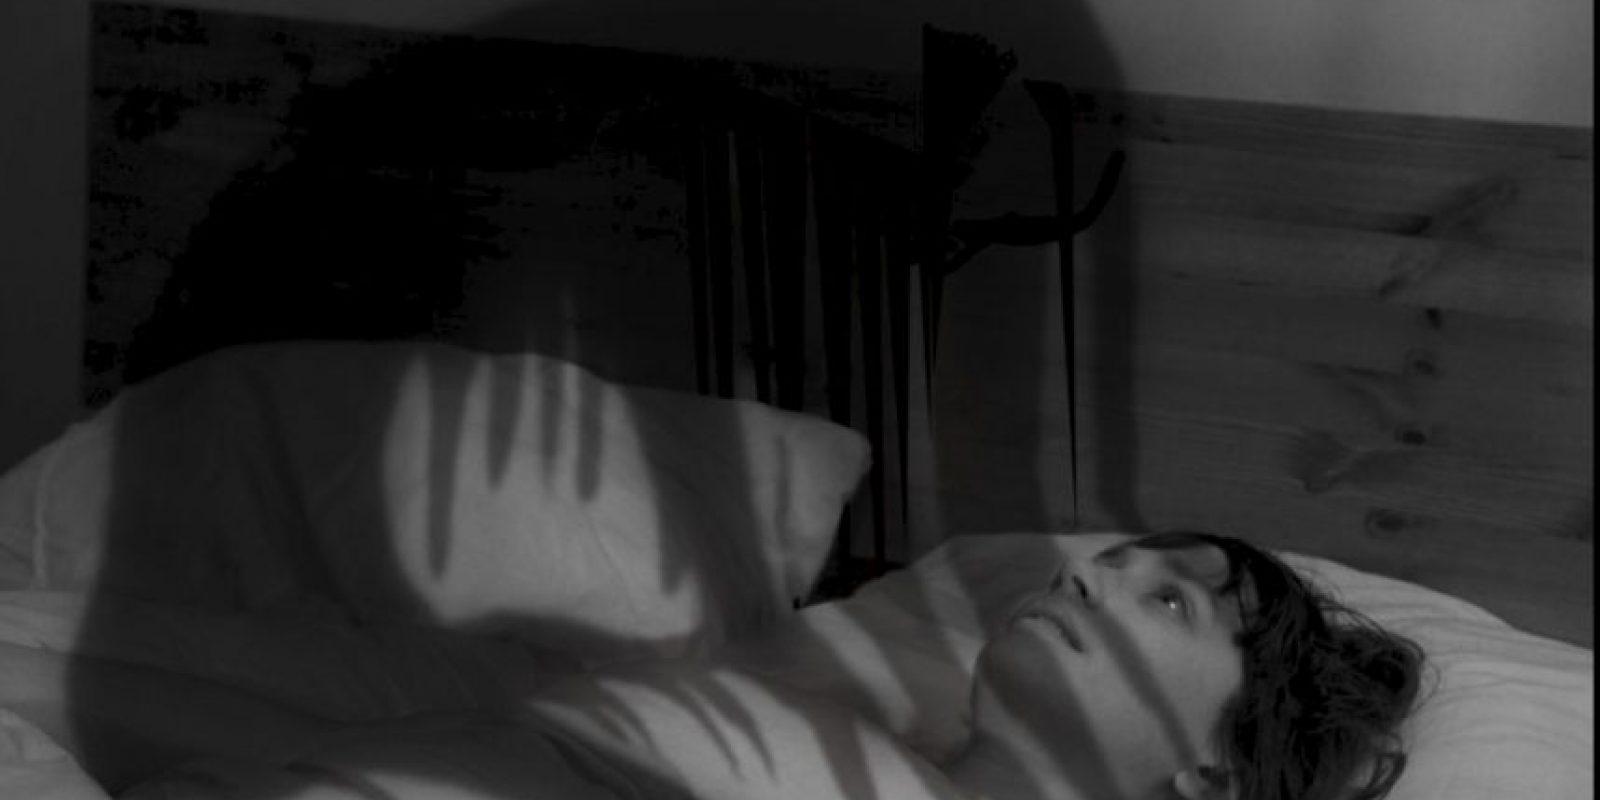 El cuerpo está paralizado y el durmiente solo alucina con la muerte. Foto:vía Tumblr